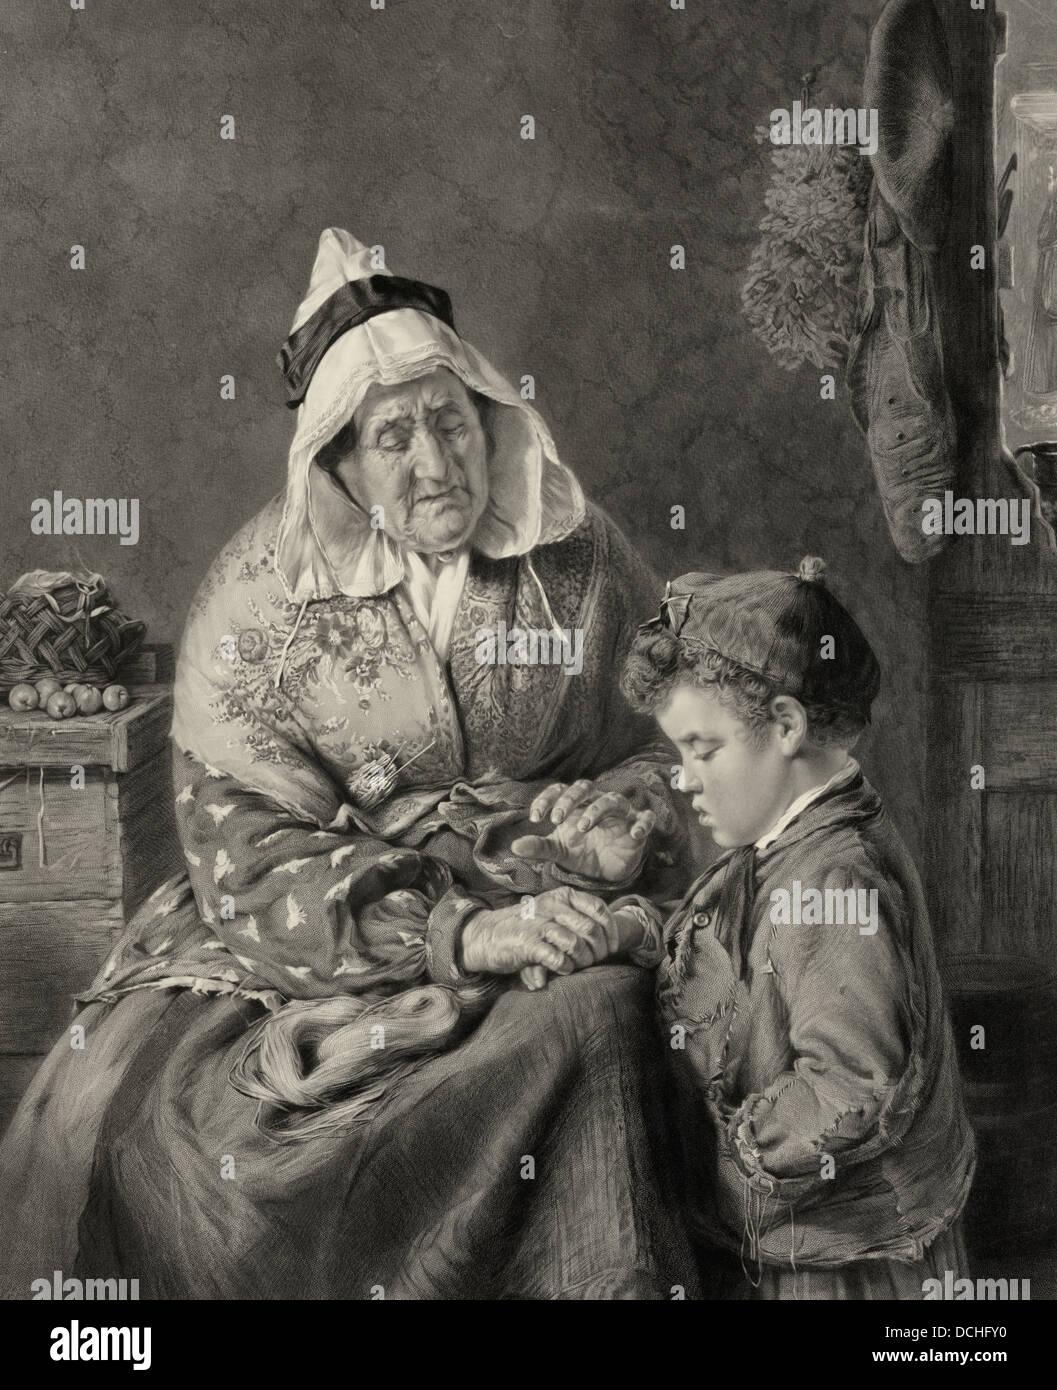 Sempre a dire la verità - una donna ammonire un ragazzo giovane sempre a dire la verità Immagini Stock